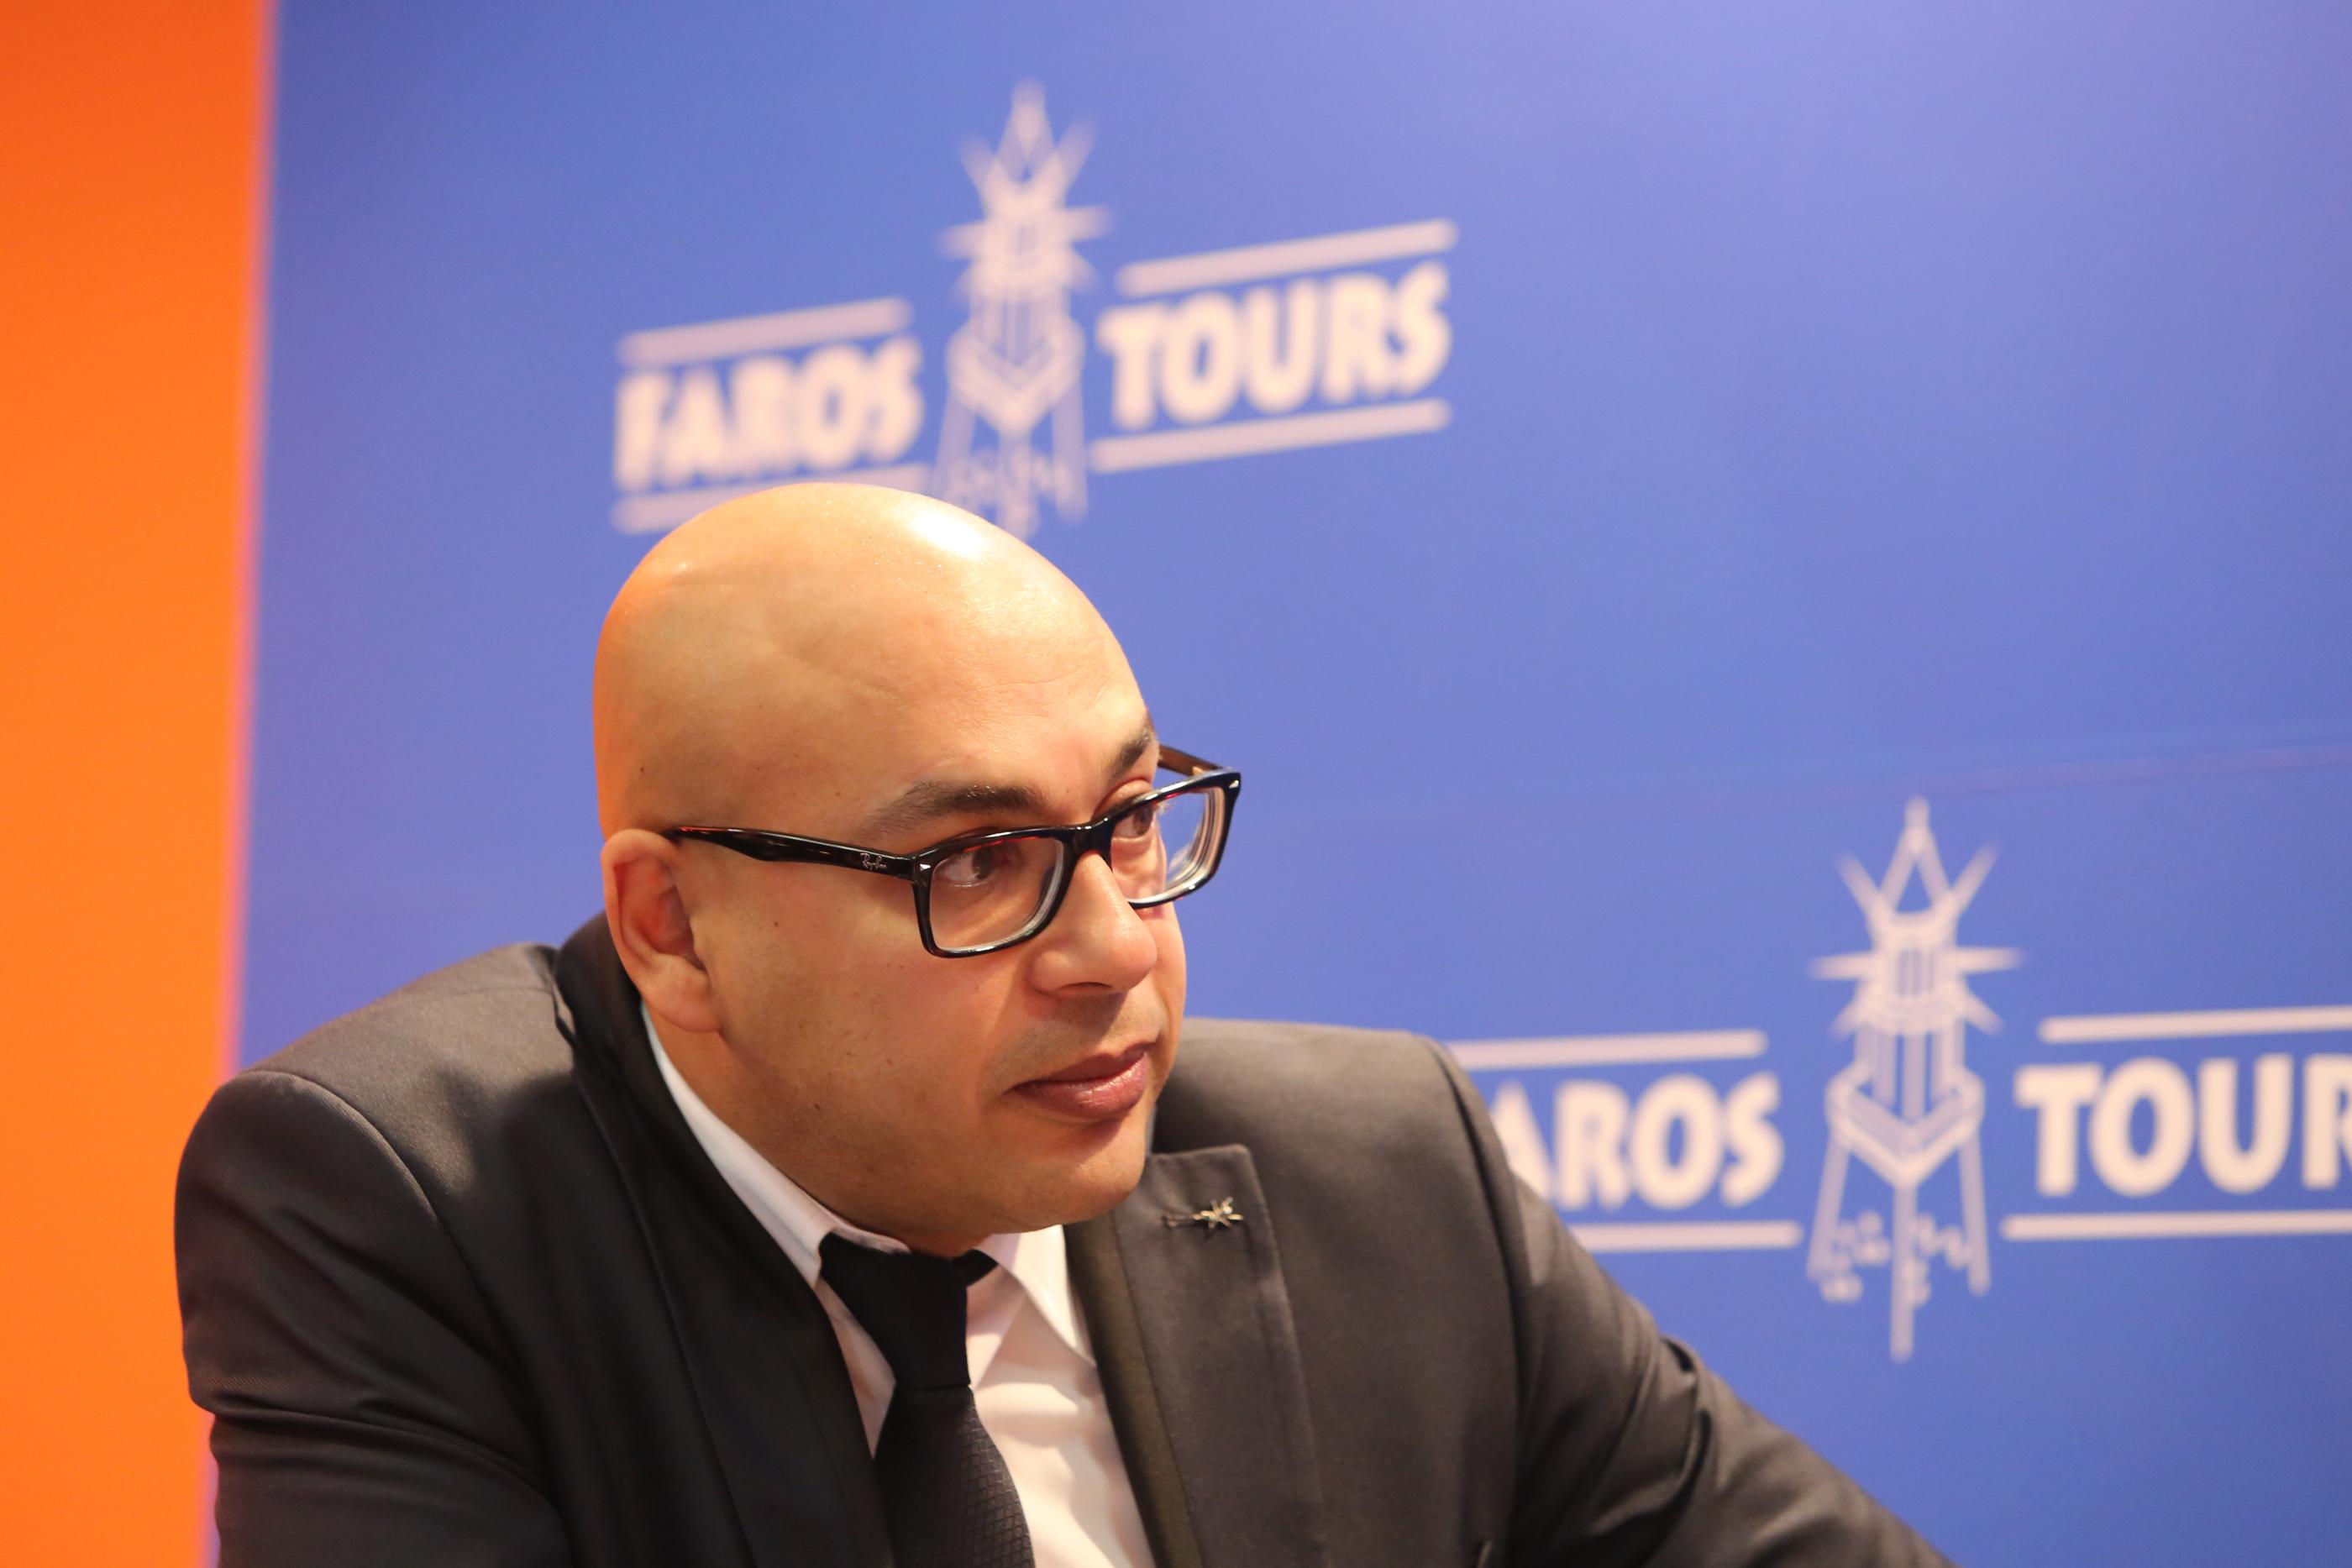 Faros Tours na sajmu 1 029